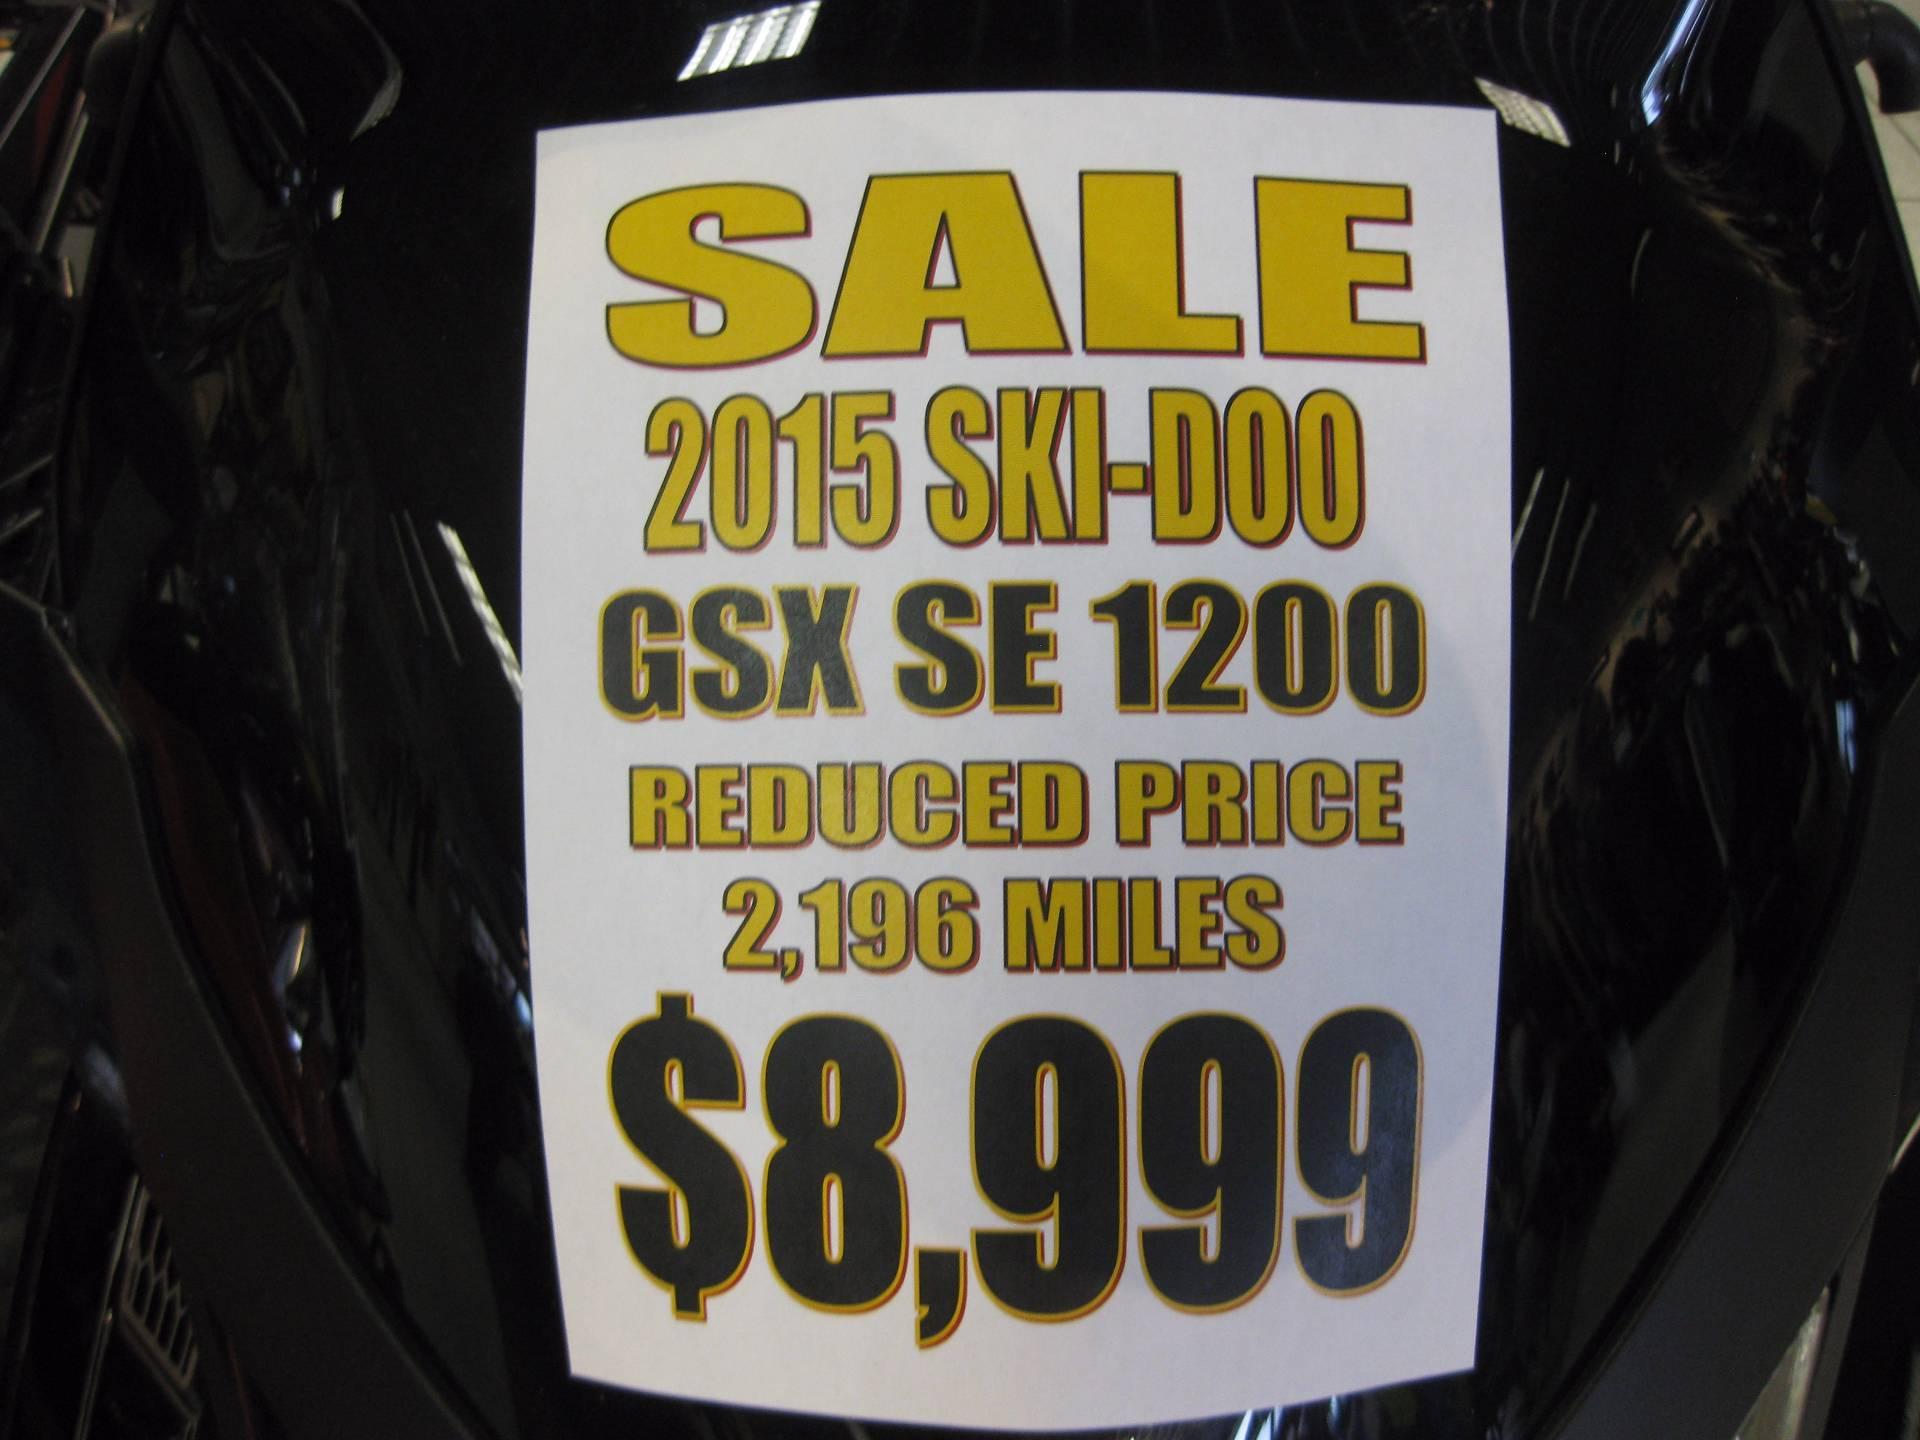 2015 Ski-Doo Renegade GSX SE 1200 in Wisconsin Rapids, Wisconsin